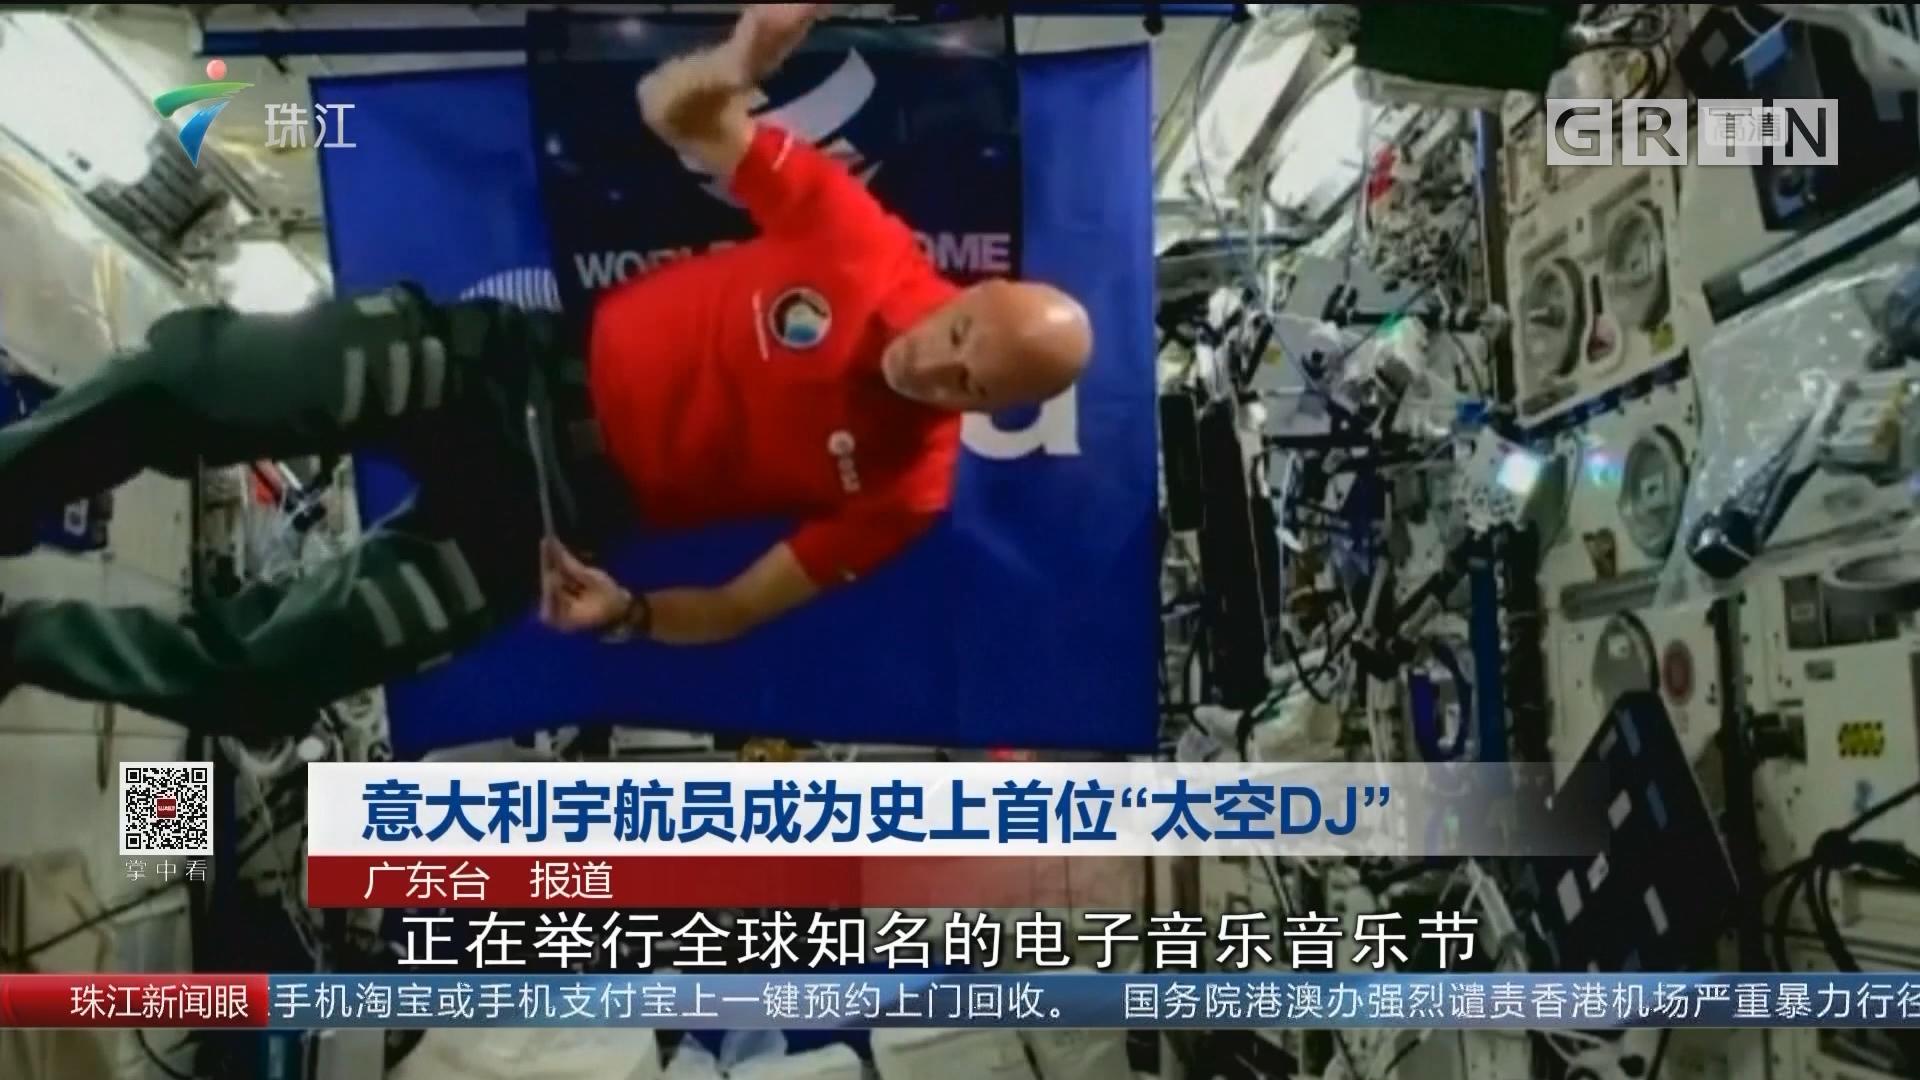 """意大利宇航员成为史上首位""""太空DJ"""""""